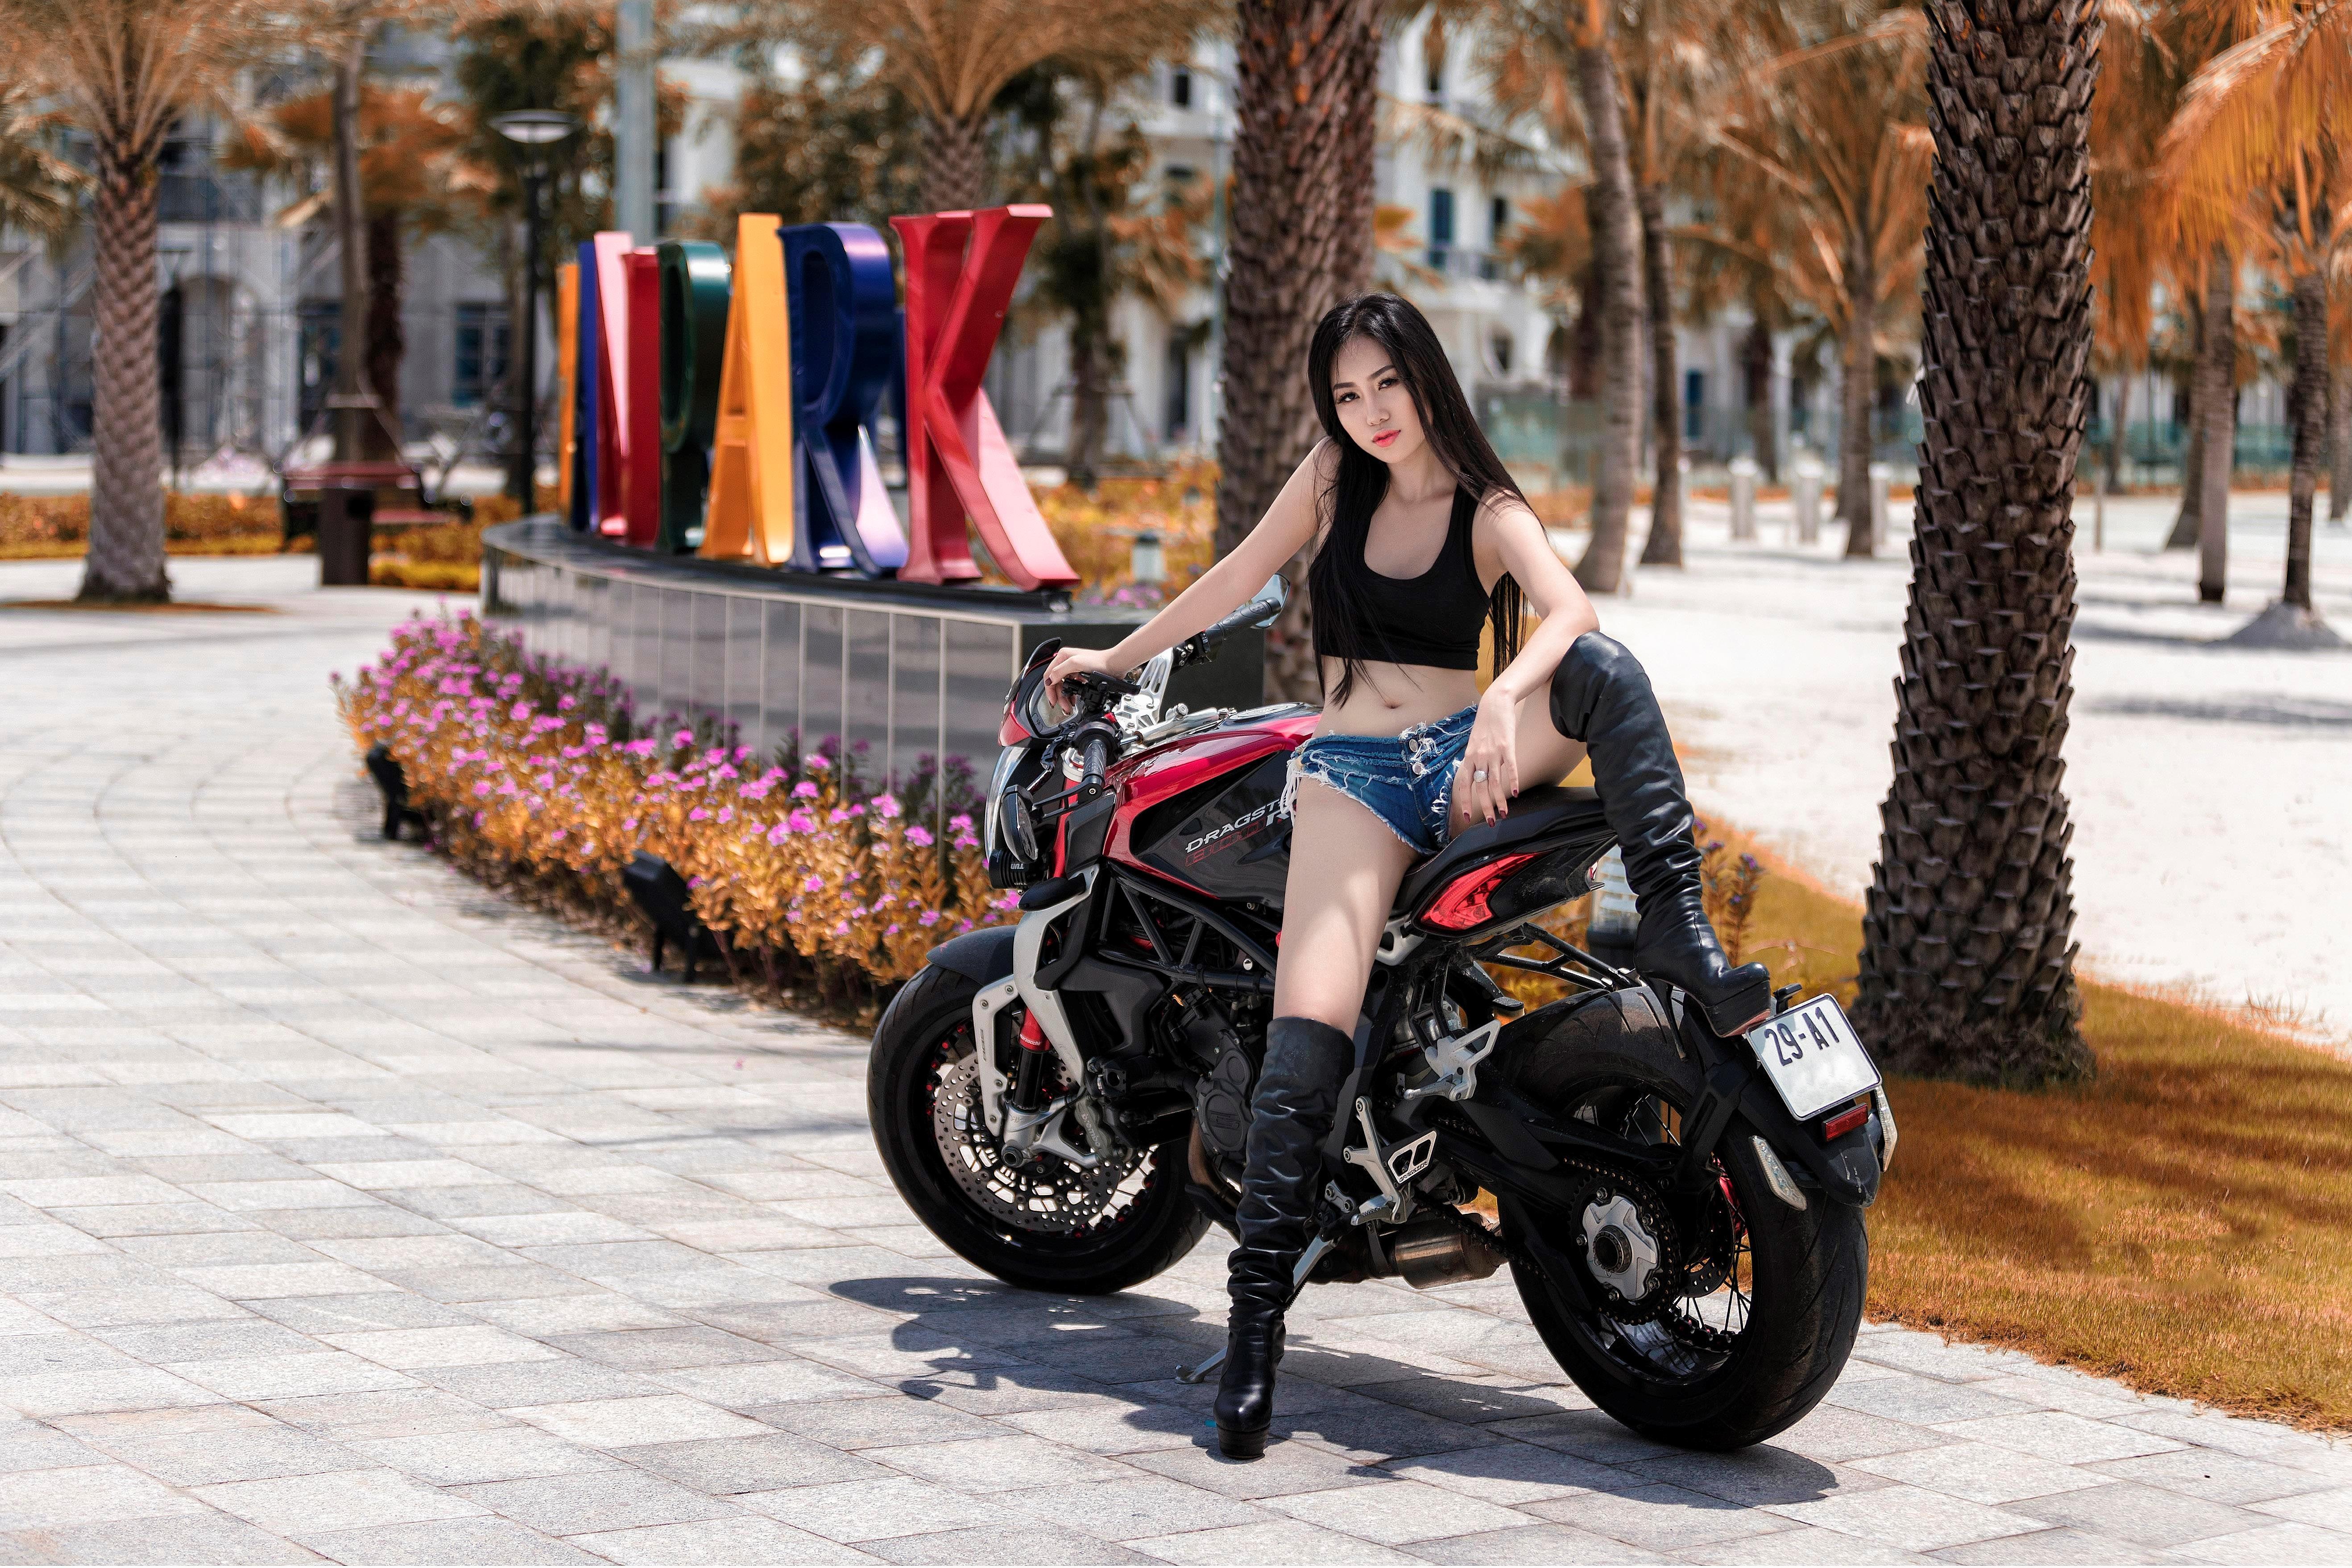 Người đẹp 9X 'đọ dáng' môtô phân khối lớn Ảnh 5